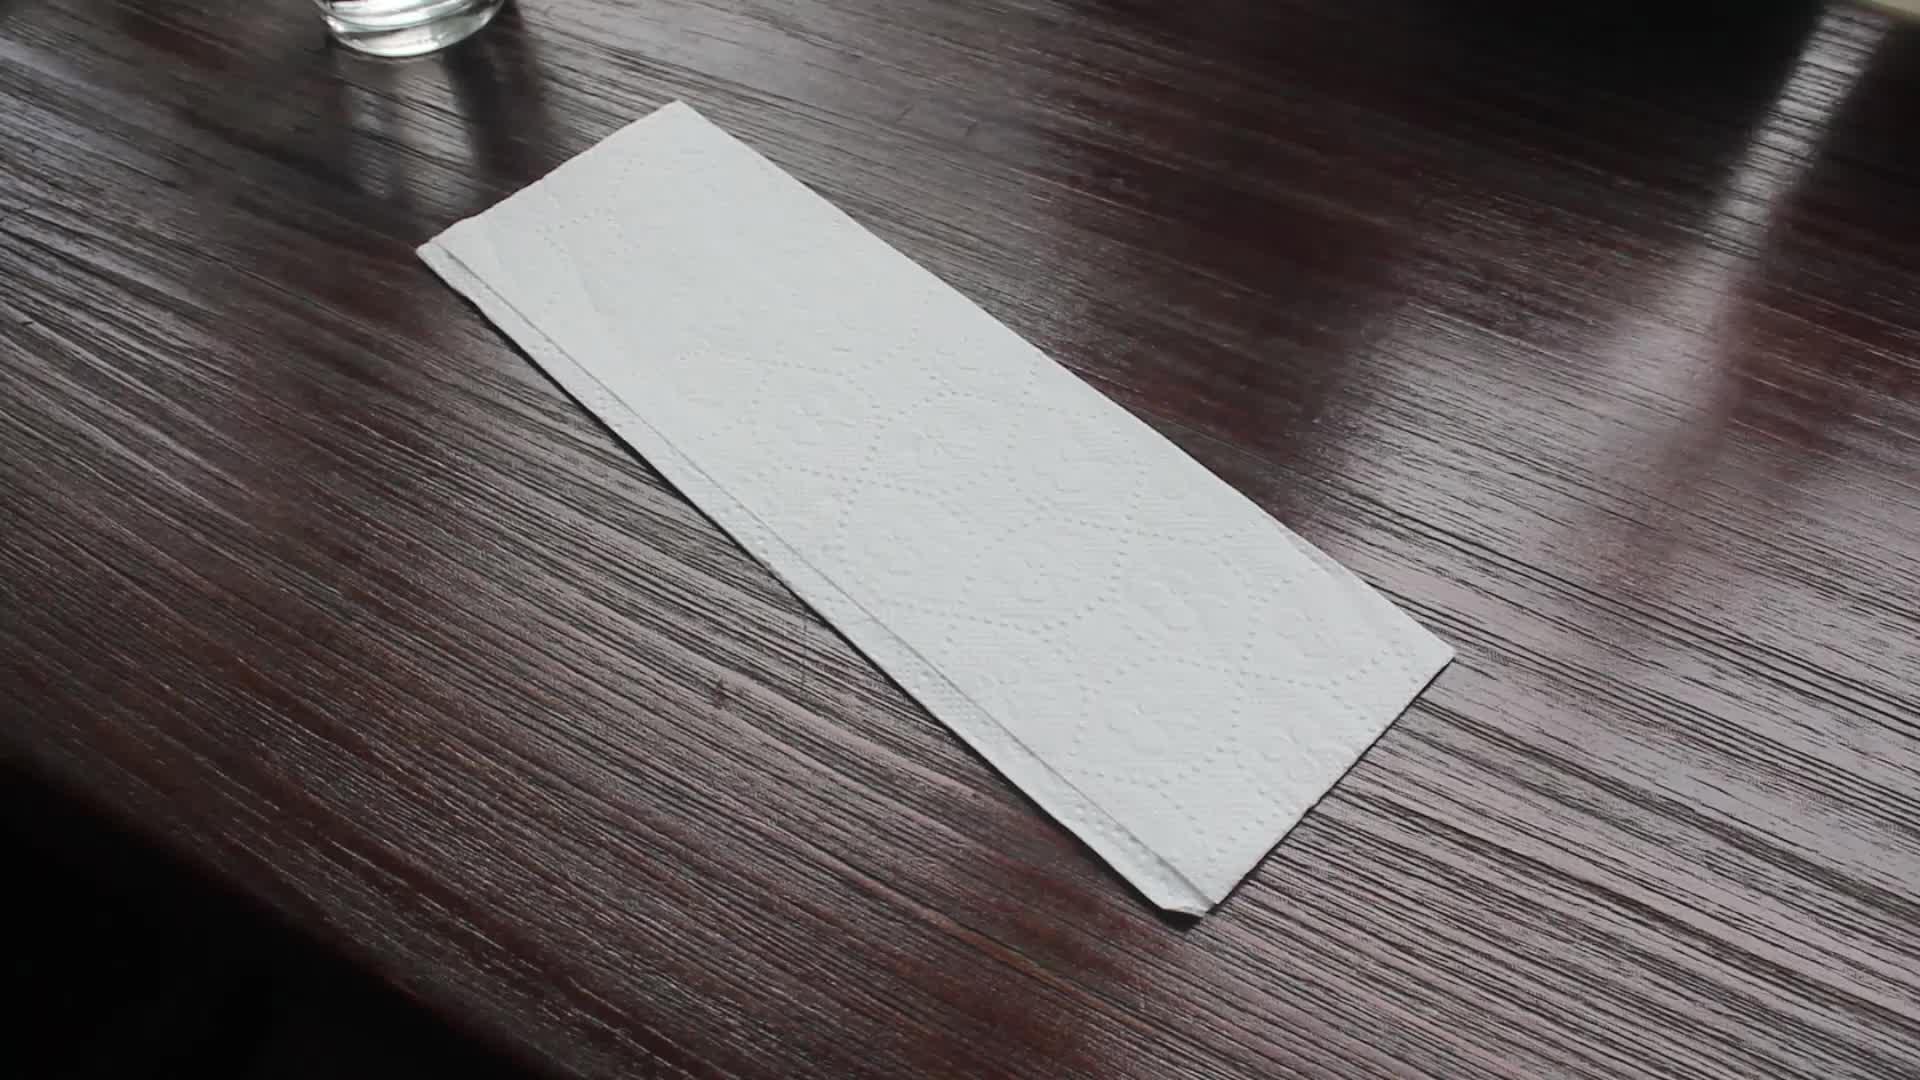 C ผ้าขนหนูกระดาษพับได้ด้วยกระเป๋าแห้งเร็วดูดซับ, 20 ซอง / กล่อง, 200 C พับผ้าขนหนู / แพ็ค